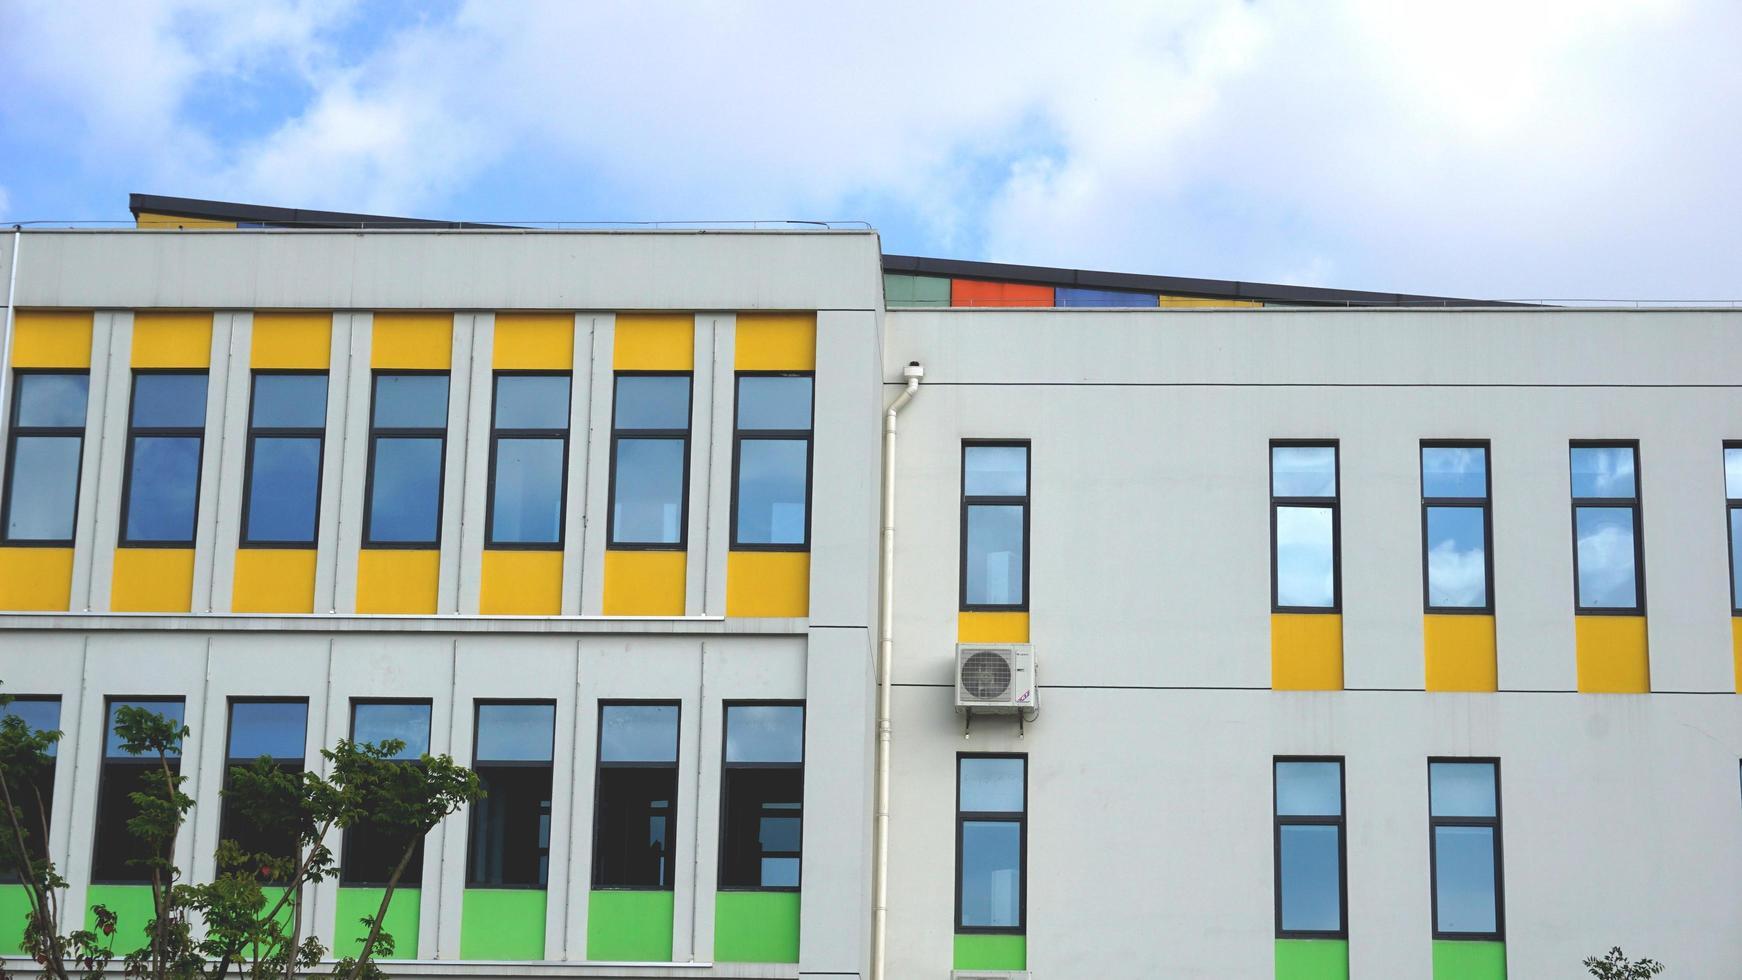 Changshu City, Jiangsu Province, 13 november 2020 - kleurrijke muren van een kleuterschool foto